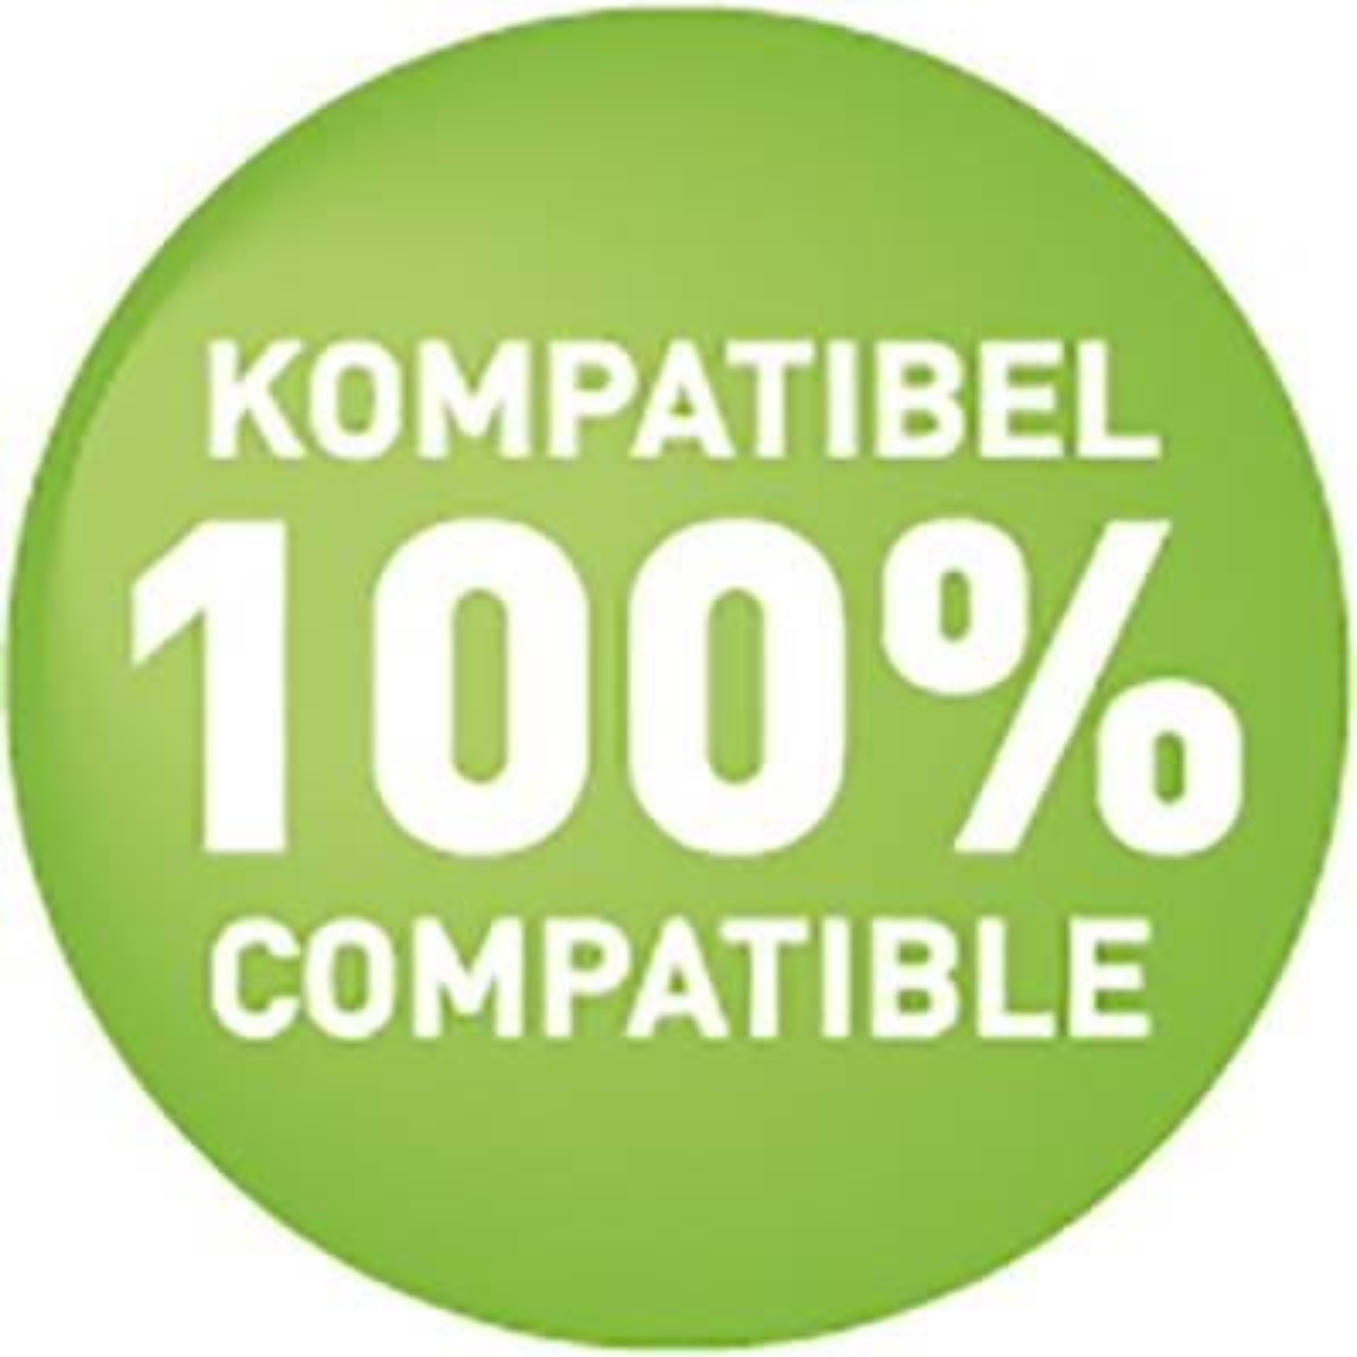 Kompatibilná sada náplní do tlačiarne KMP E97V 1603,0005, čierna, zelenomodrá, purpurová, žltá